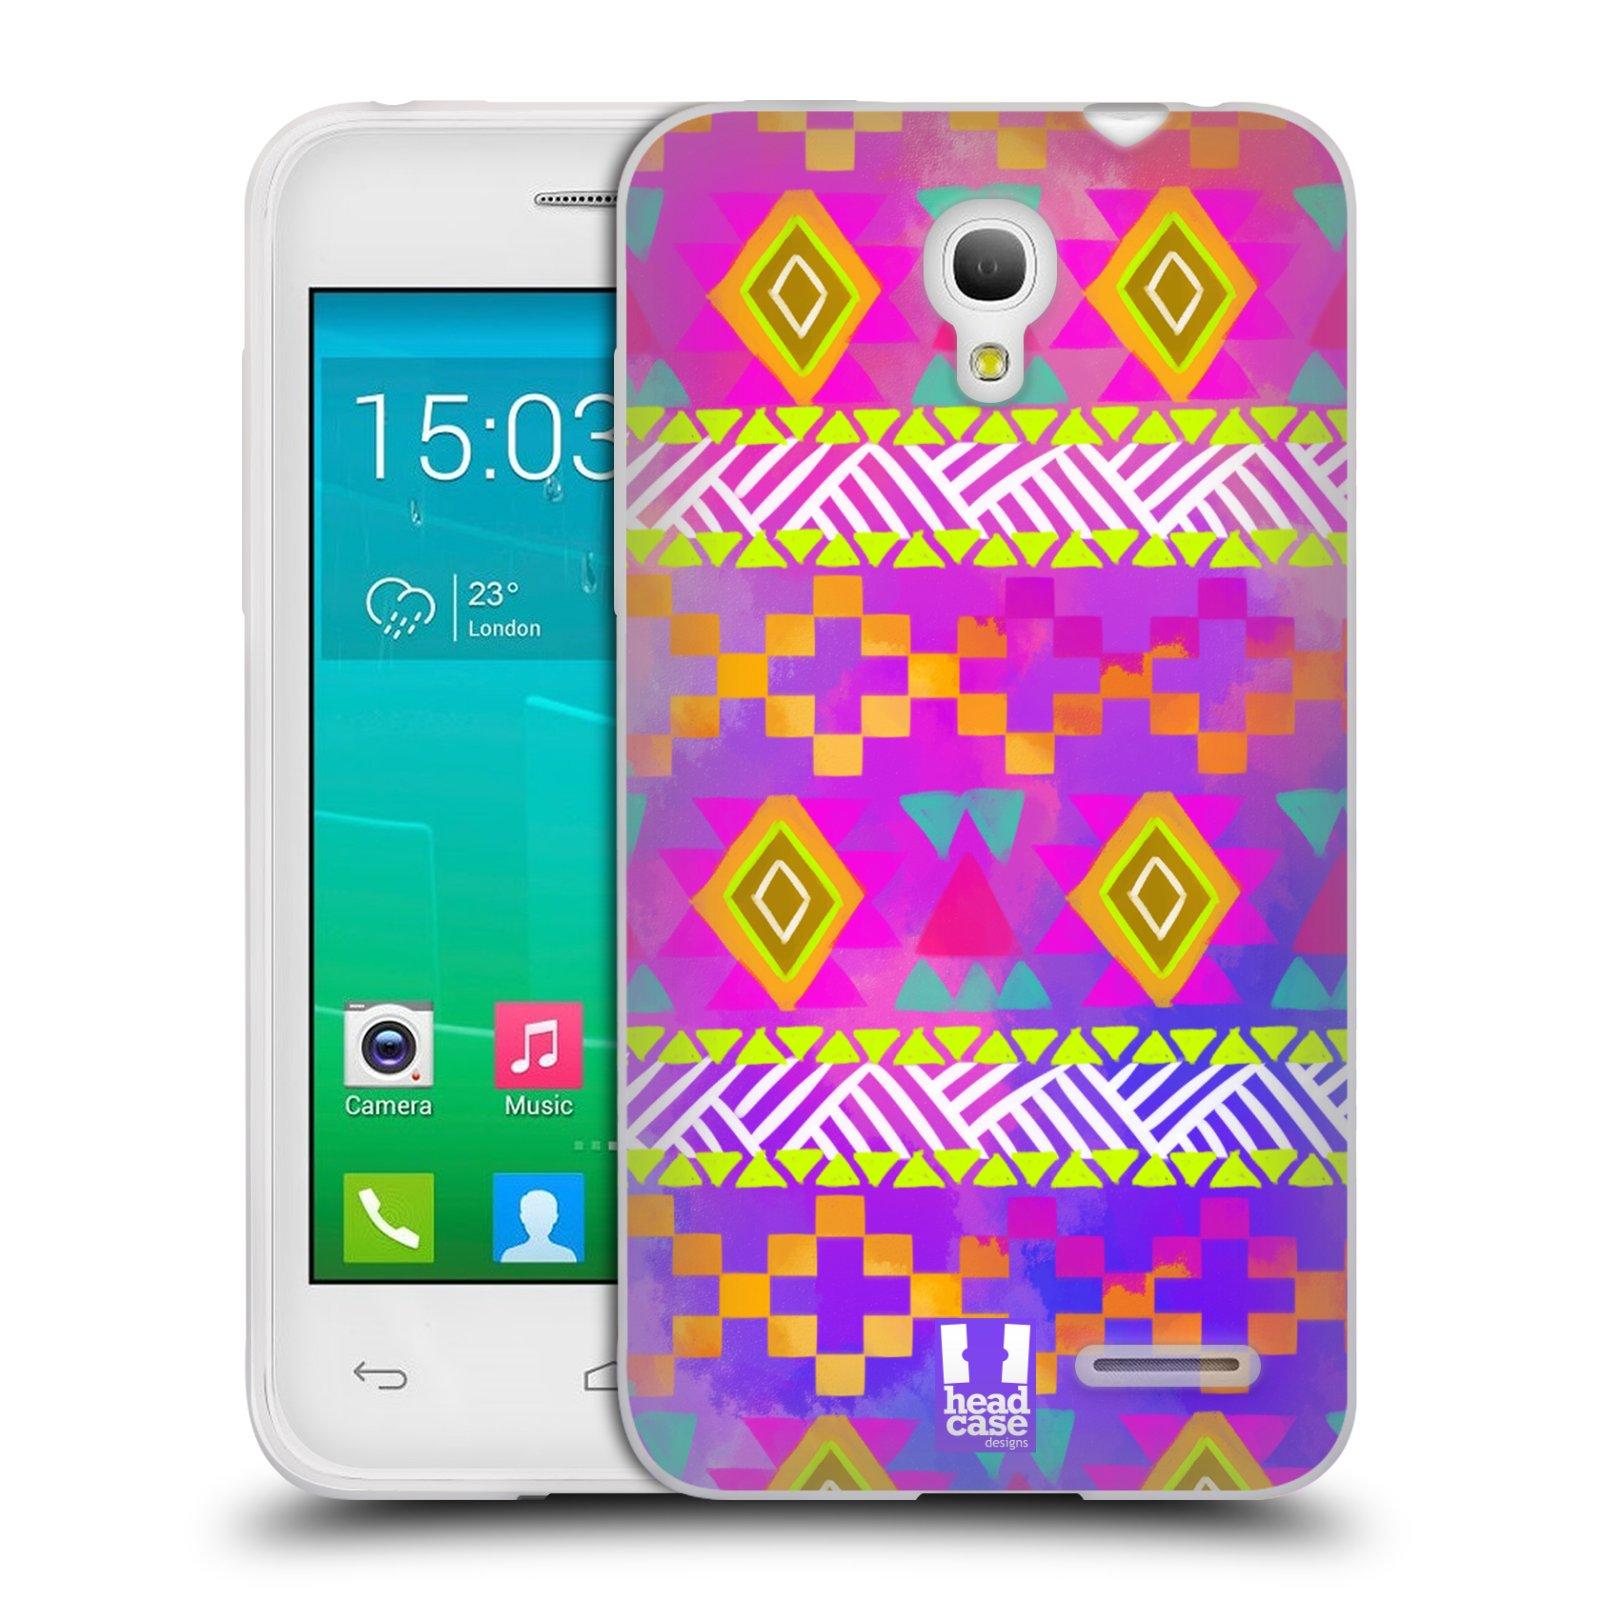 HEAD CASE silikonový obal na mobil Alcatel POP S3 OT-5050Y vzor CIK CAK barevné znaky fuchsie